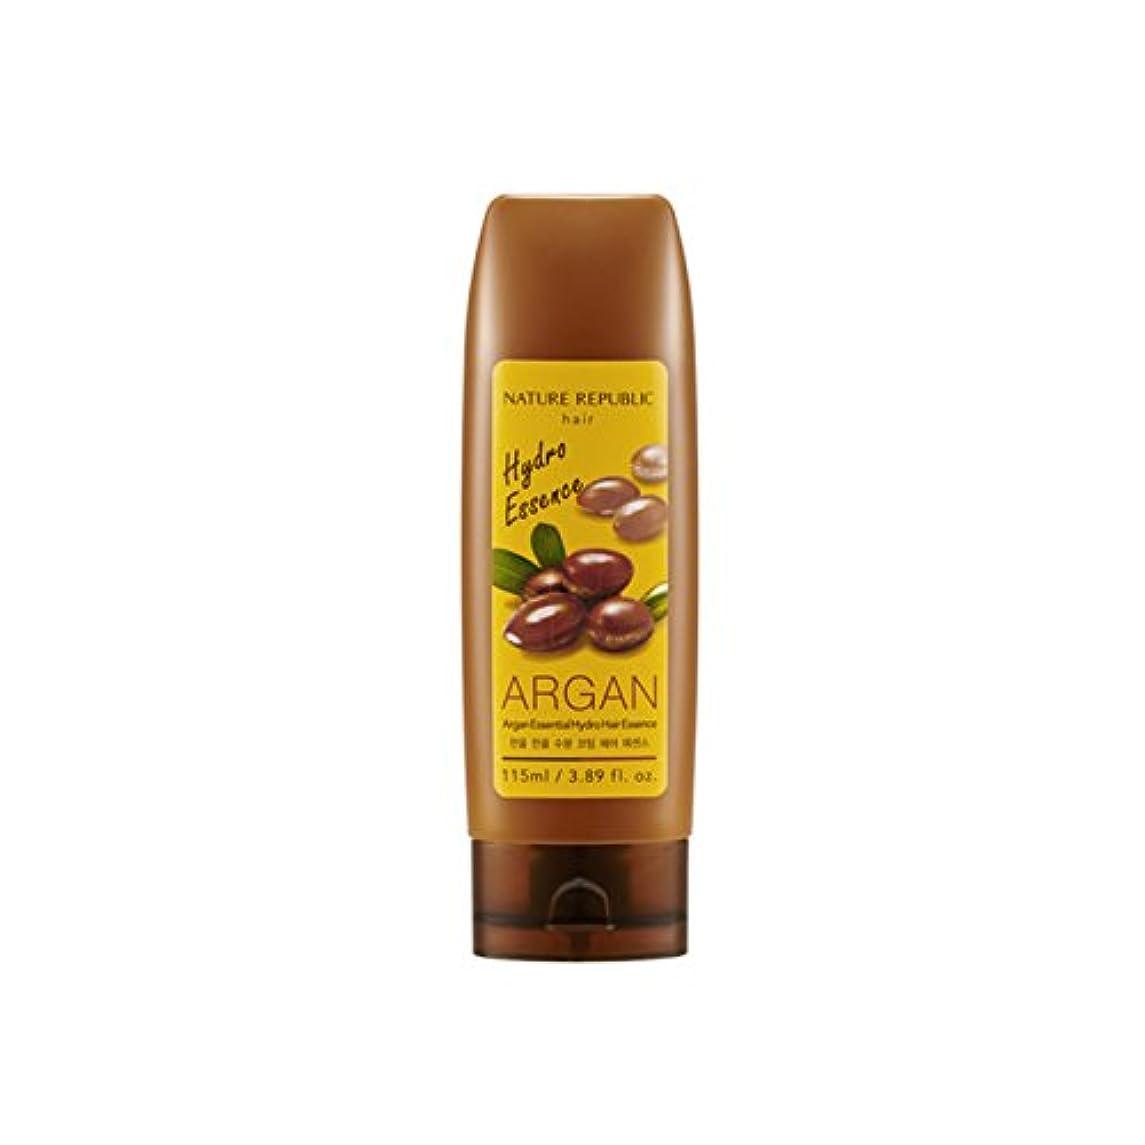 メガロポリス雰囲気淡い[ネイチャーリパブリック] Nature Republic アルガンエッセンシャルハイドロヘアエッセンス Argan Essential Hydro Hair Essence Treatment [並行輸入品]